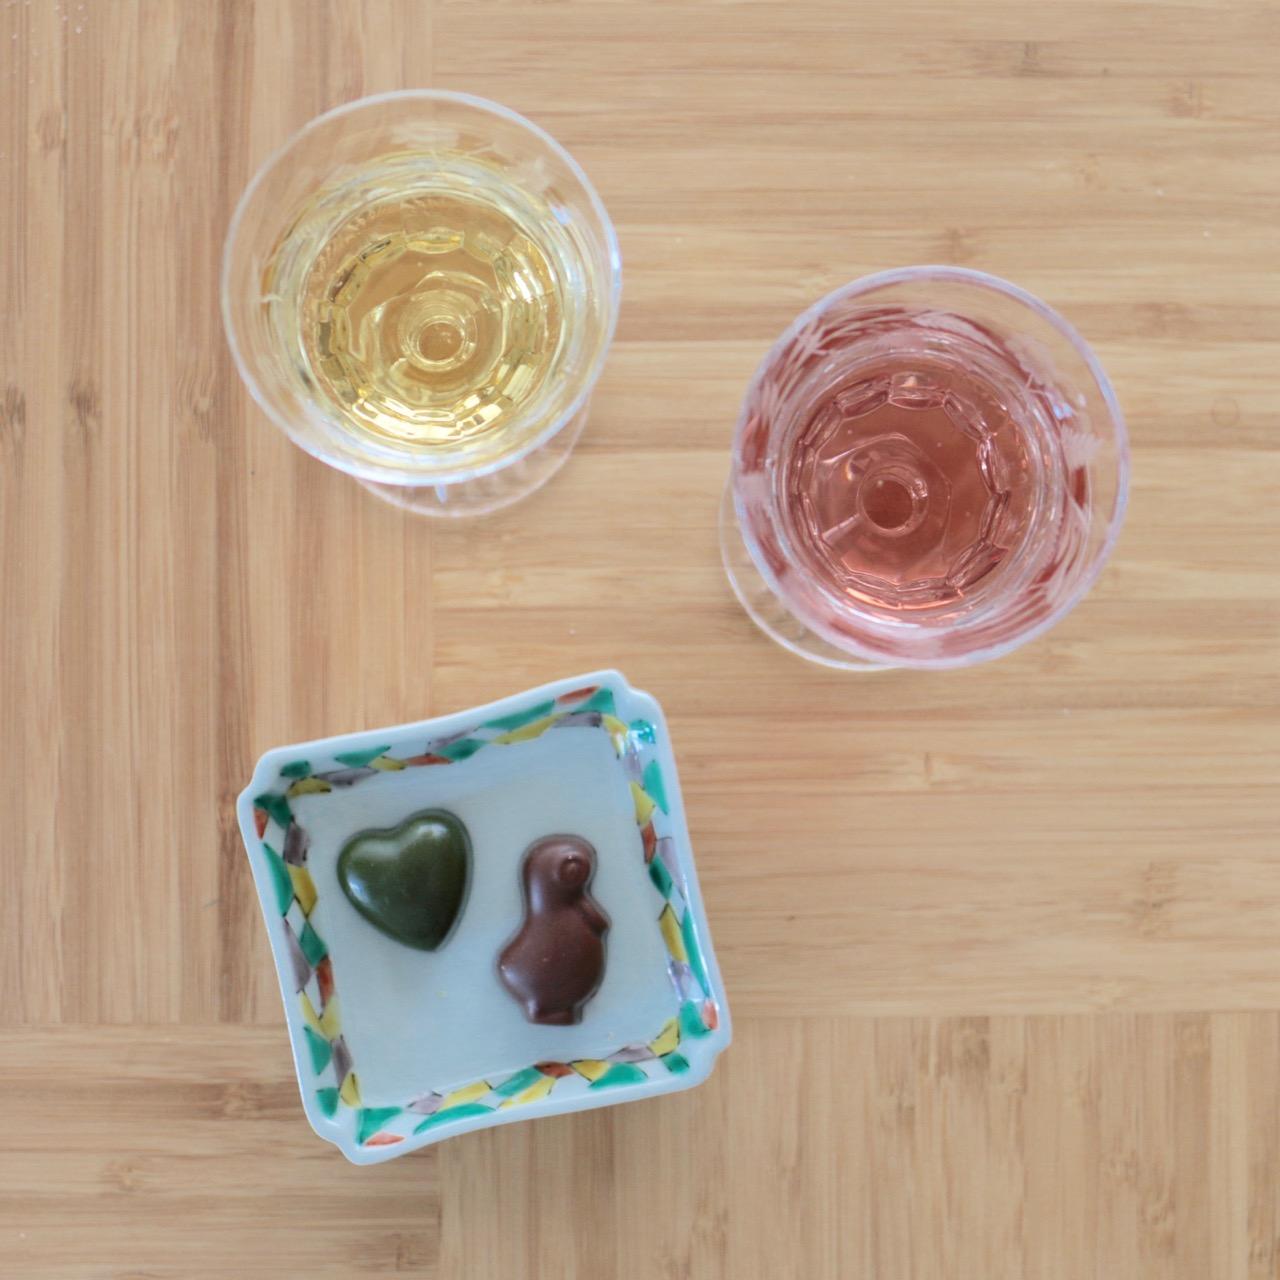 チョコレートと日本酒のマリアージュ、伊根満開と壺中重星霜